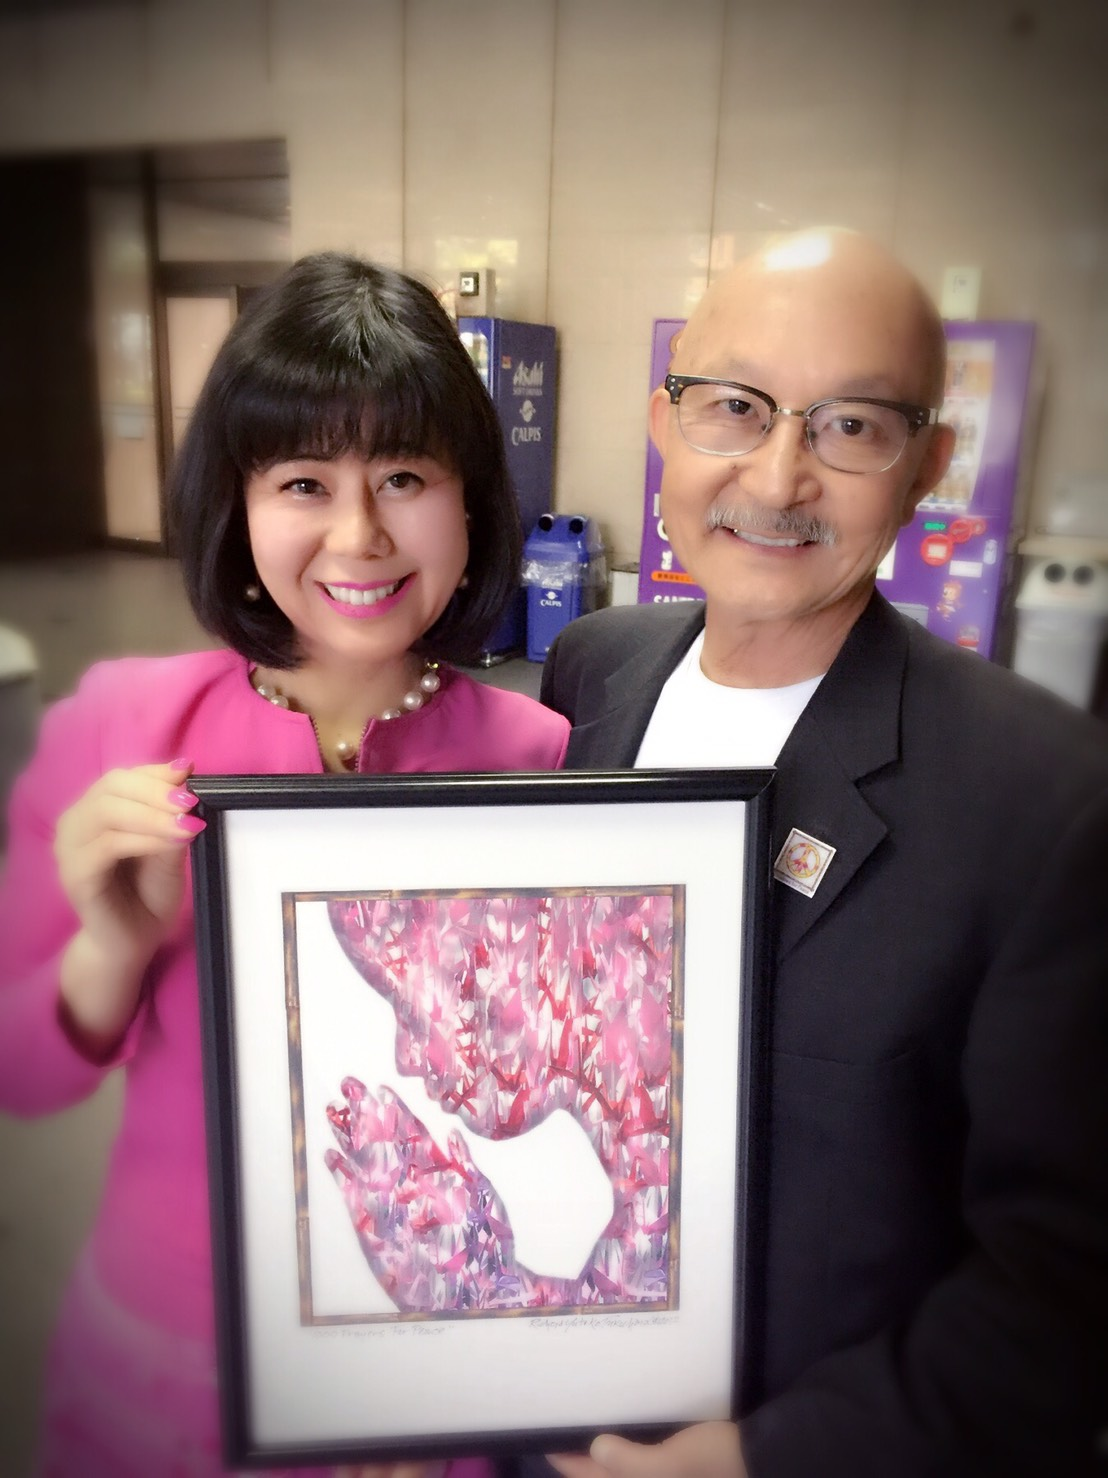 日系アメリカ人3世の写真家リチャード・フクハラさんが来日されました